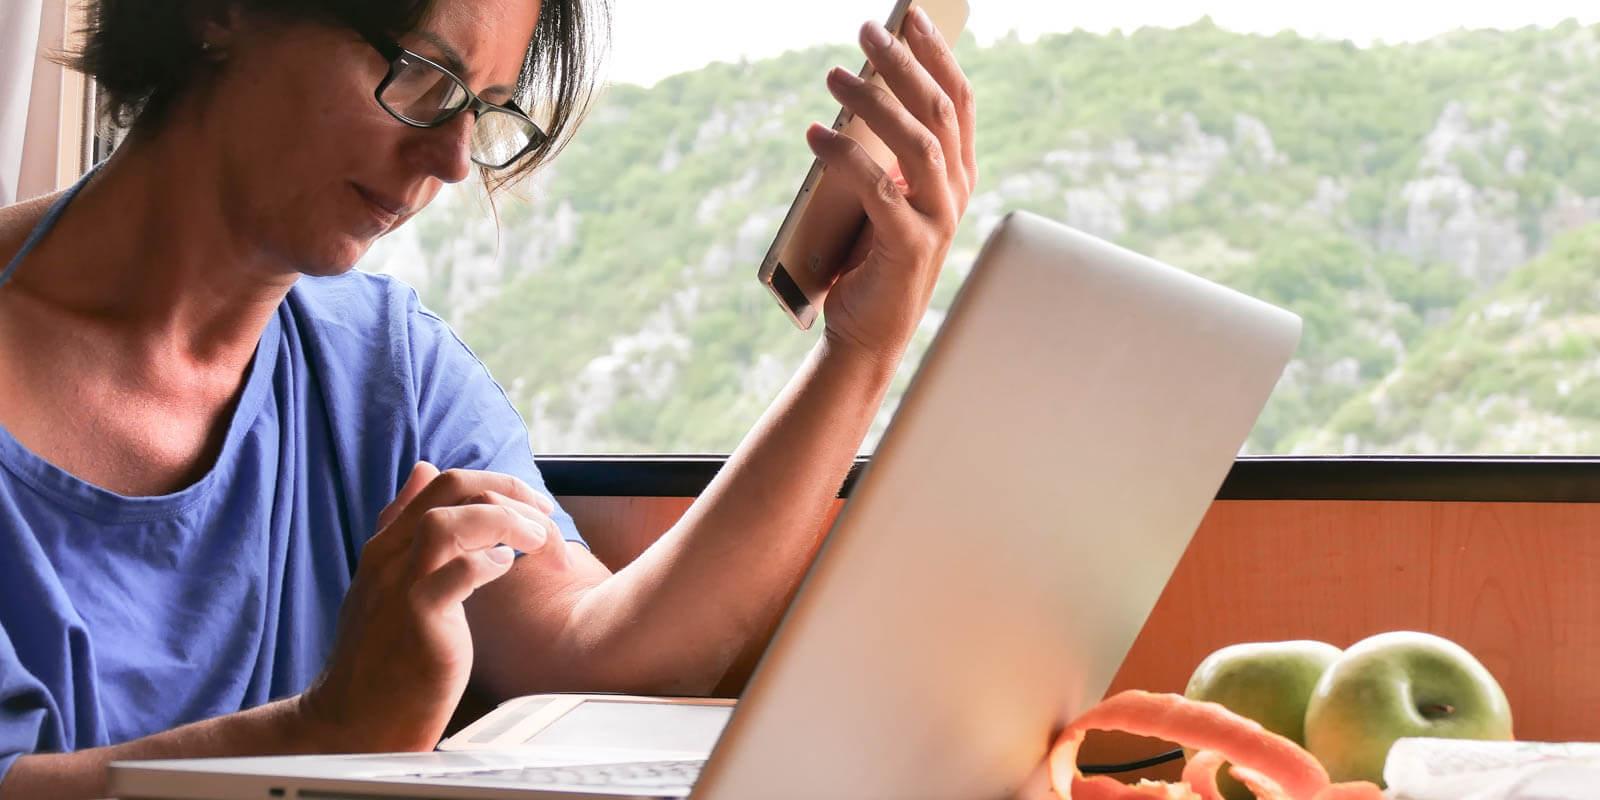 Eine Frau arbeitet von unterwegs auf verschiedenen Geräten connected